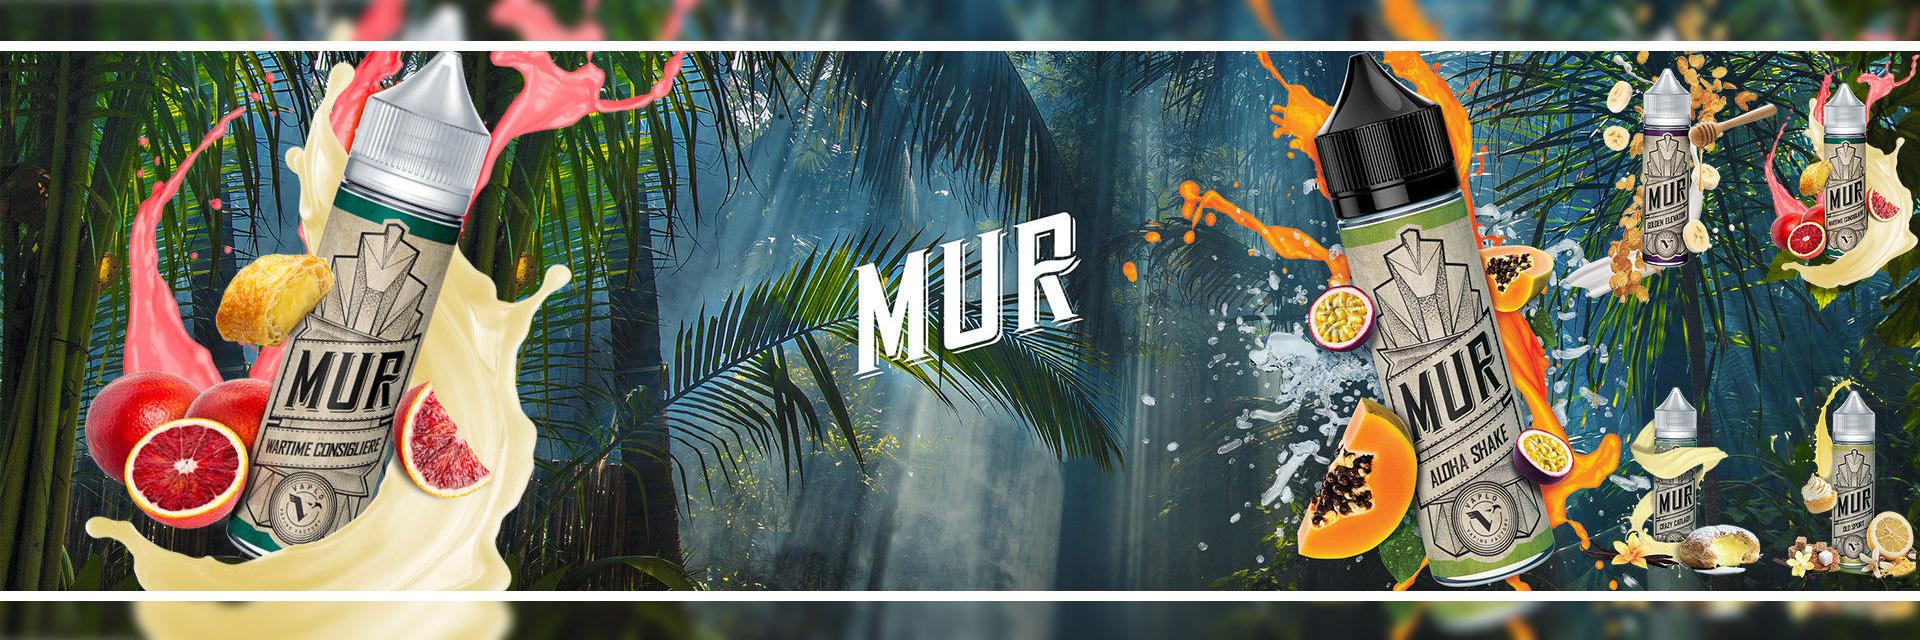 mur-shortfill